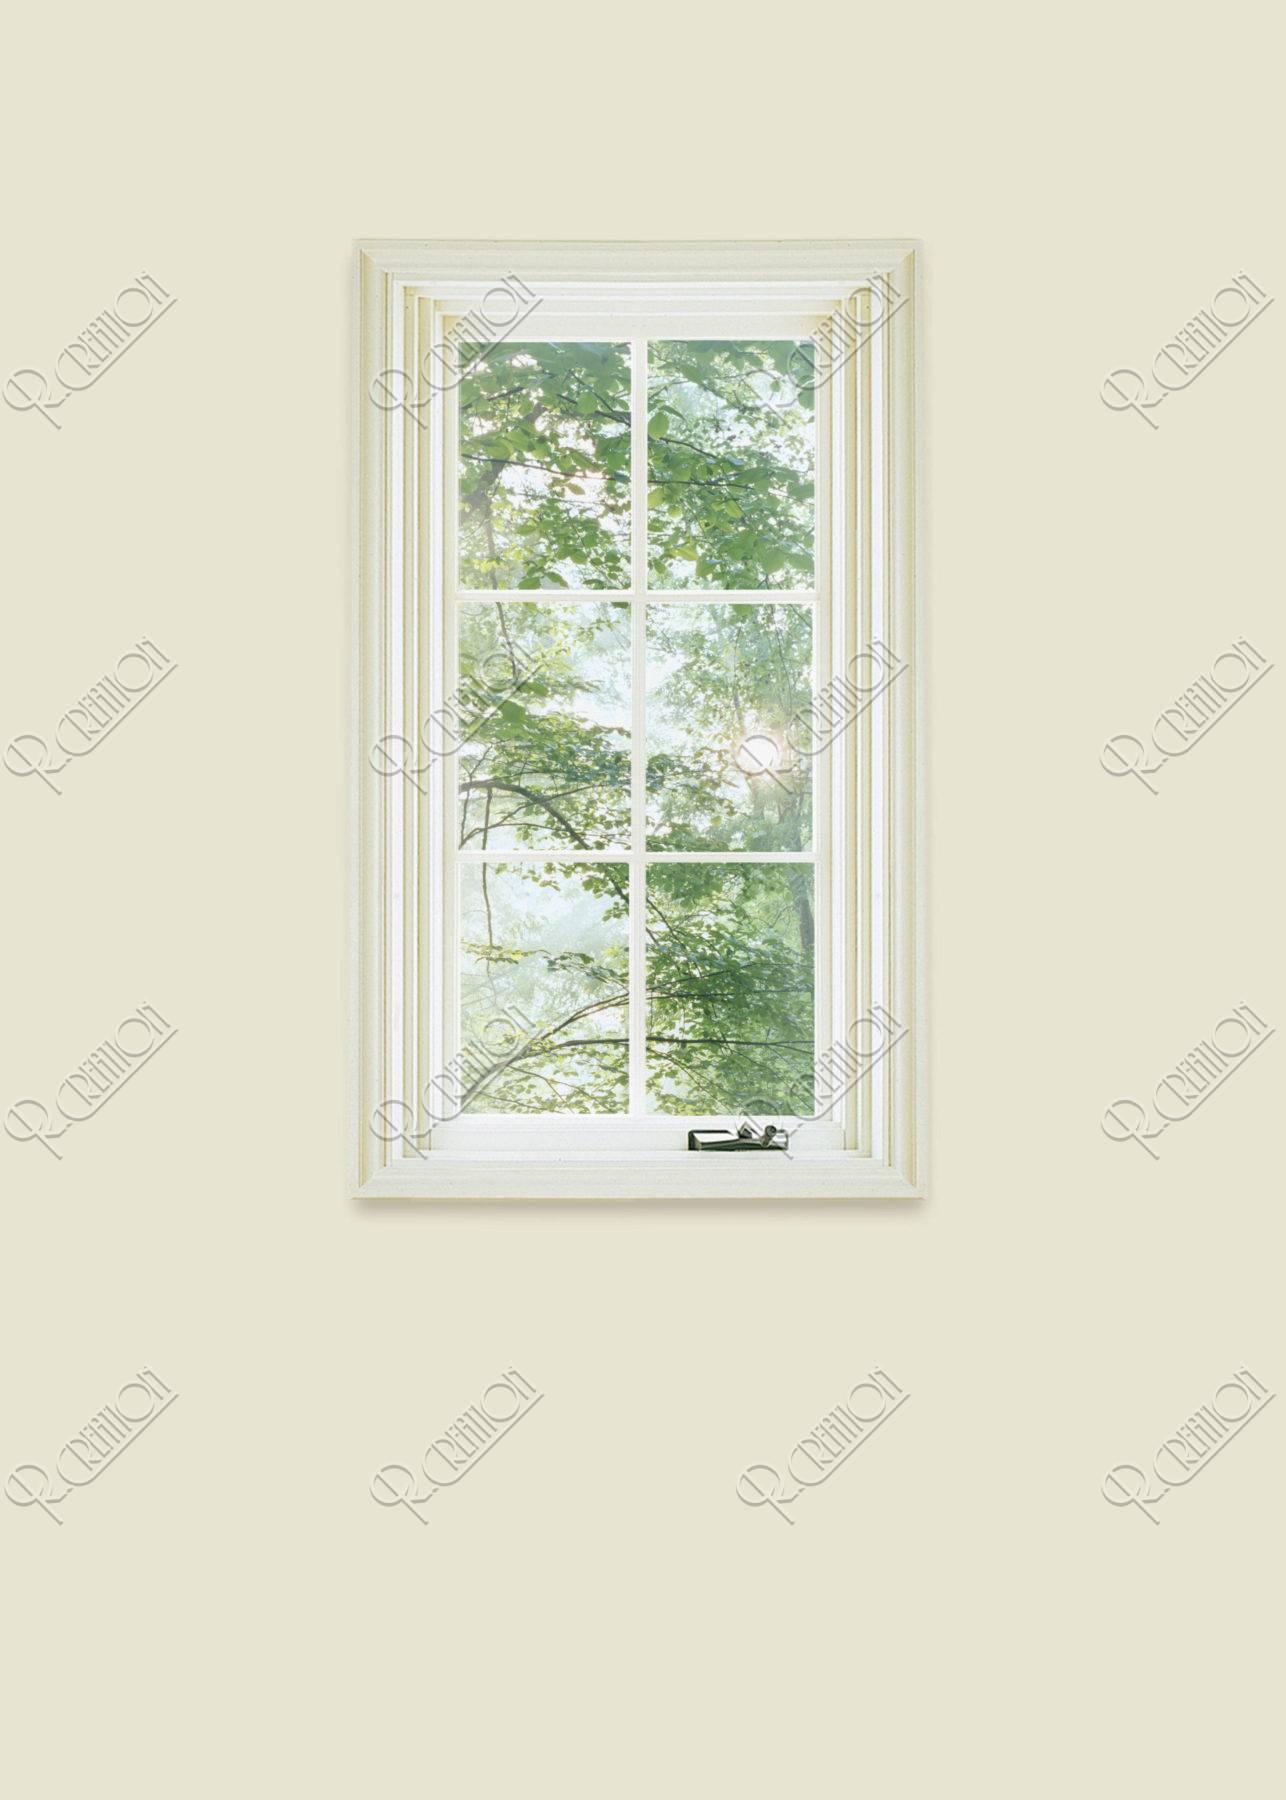 窓から見える木々